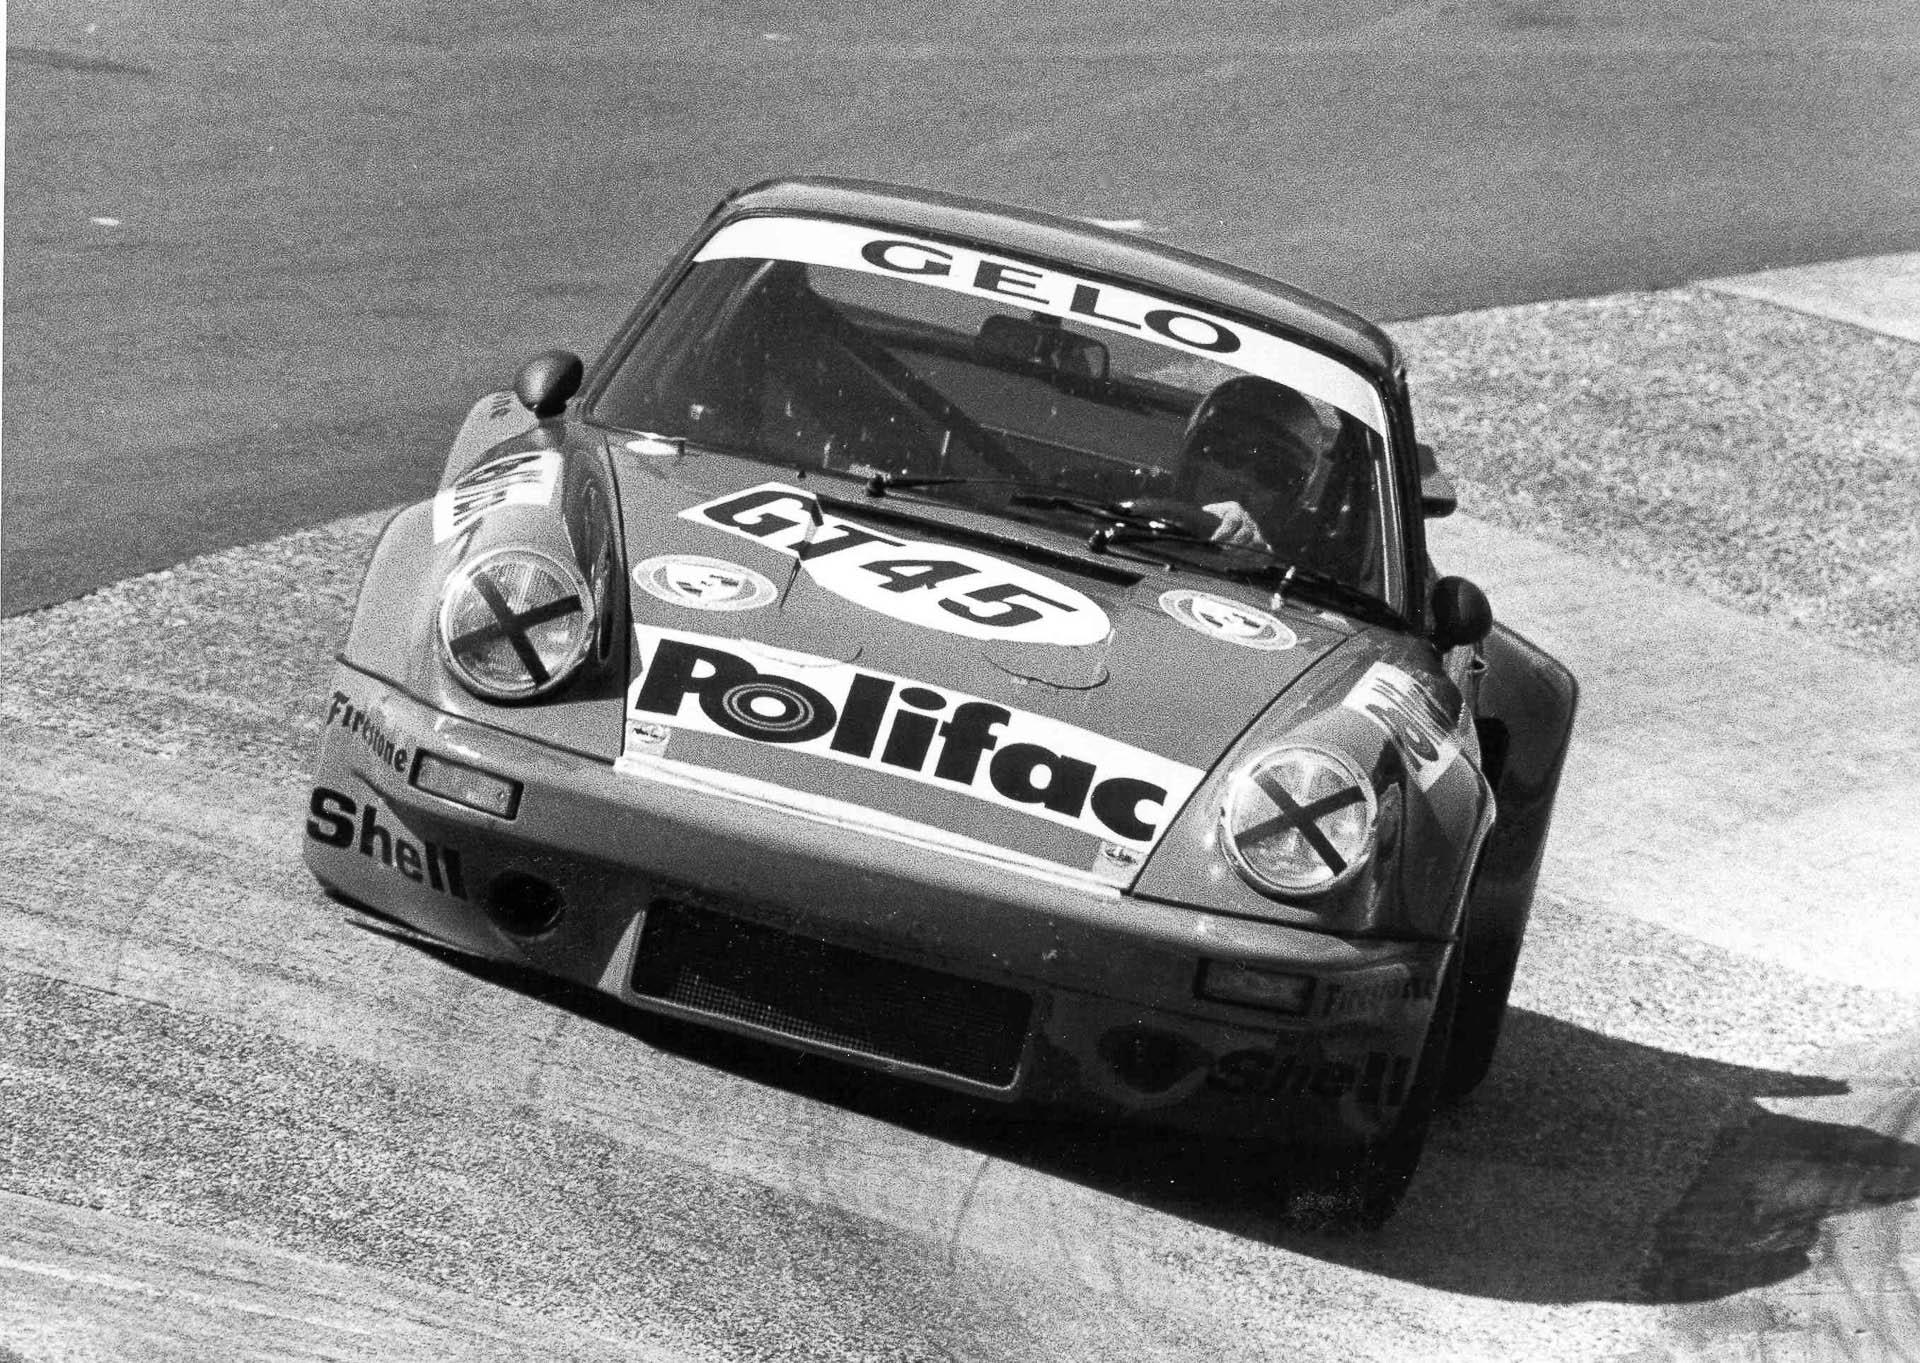 Porsche beim 1000km Rennen Nürburgring 1974